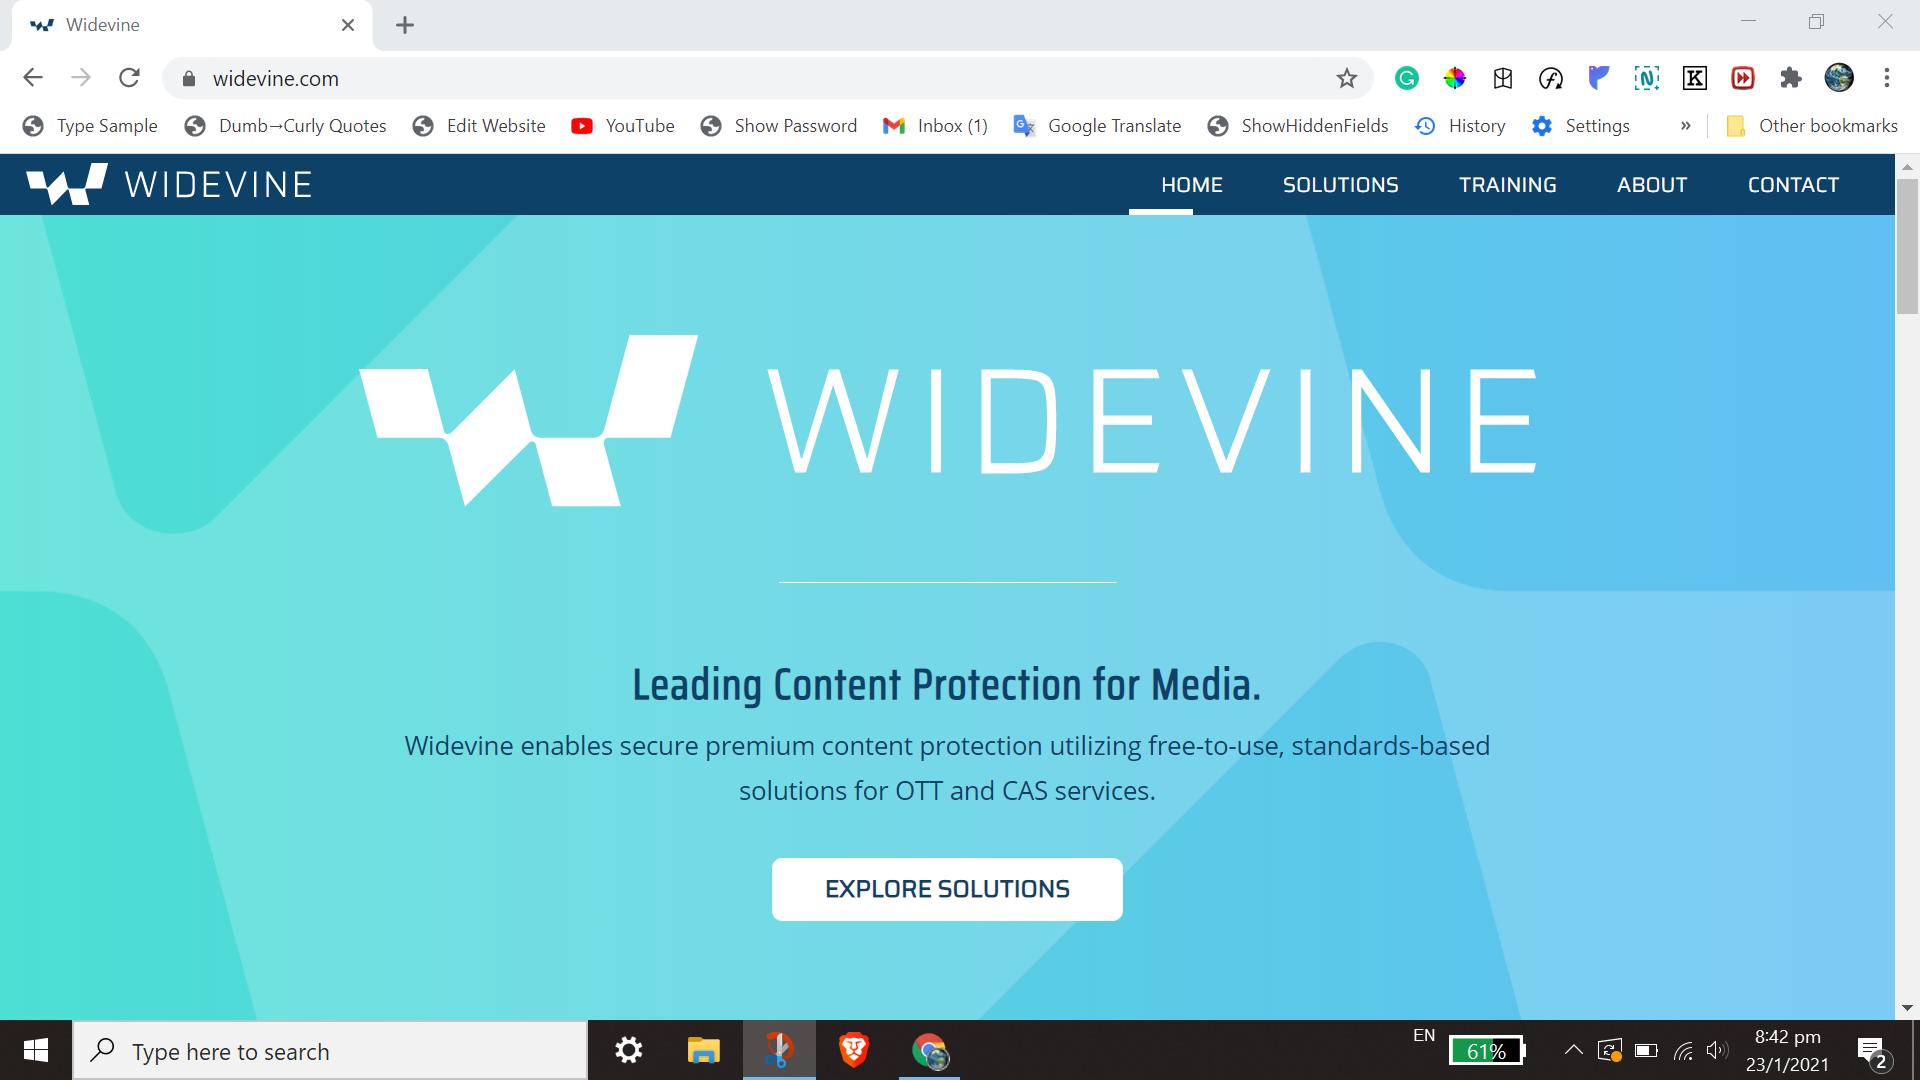 screenshot of original widevine.com website design